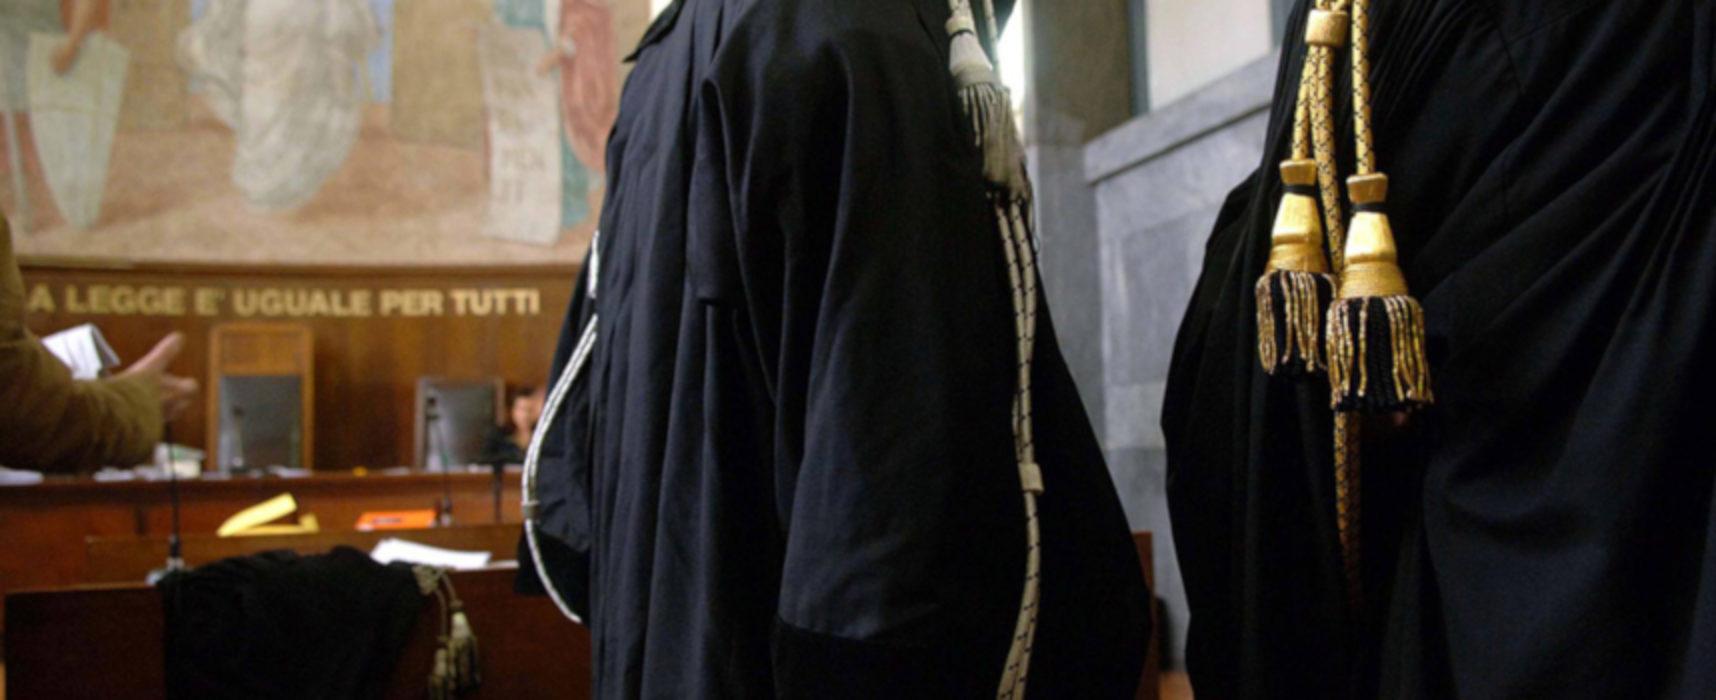 Puglia: in arrivo vaccinazione per magistrati, avvocati e personale amministrativo